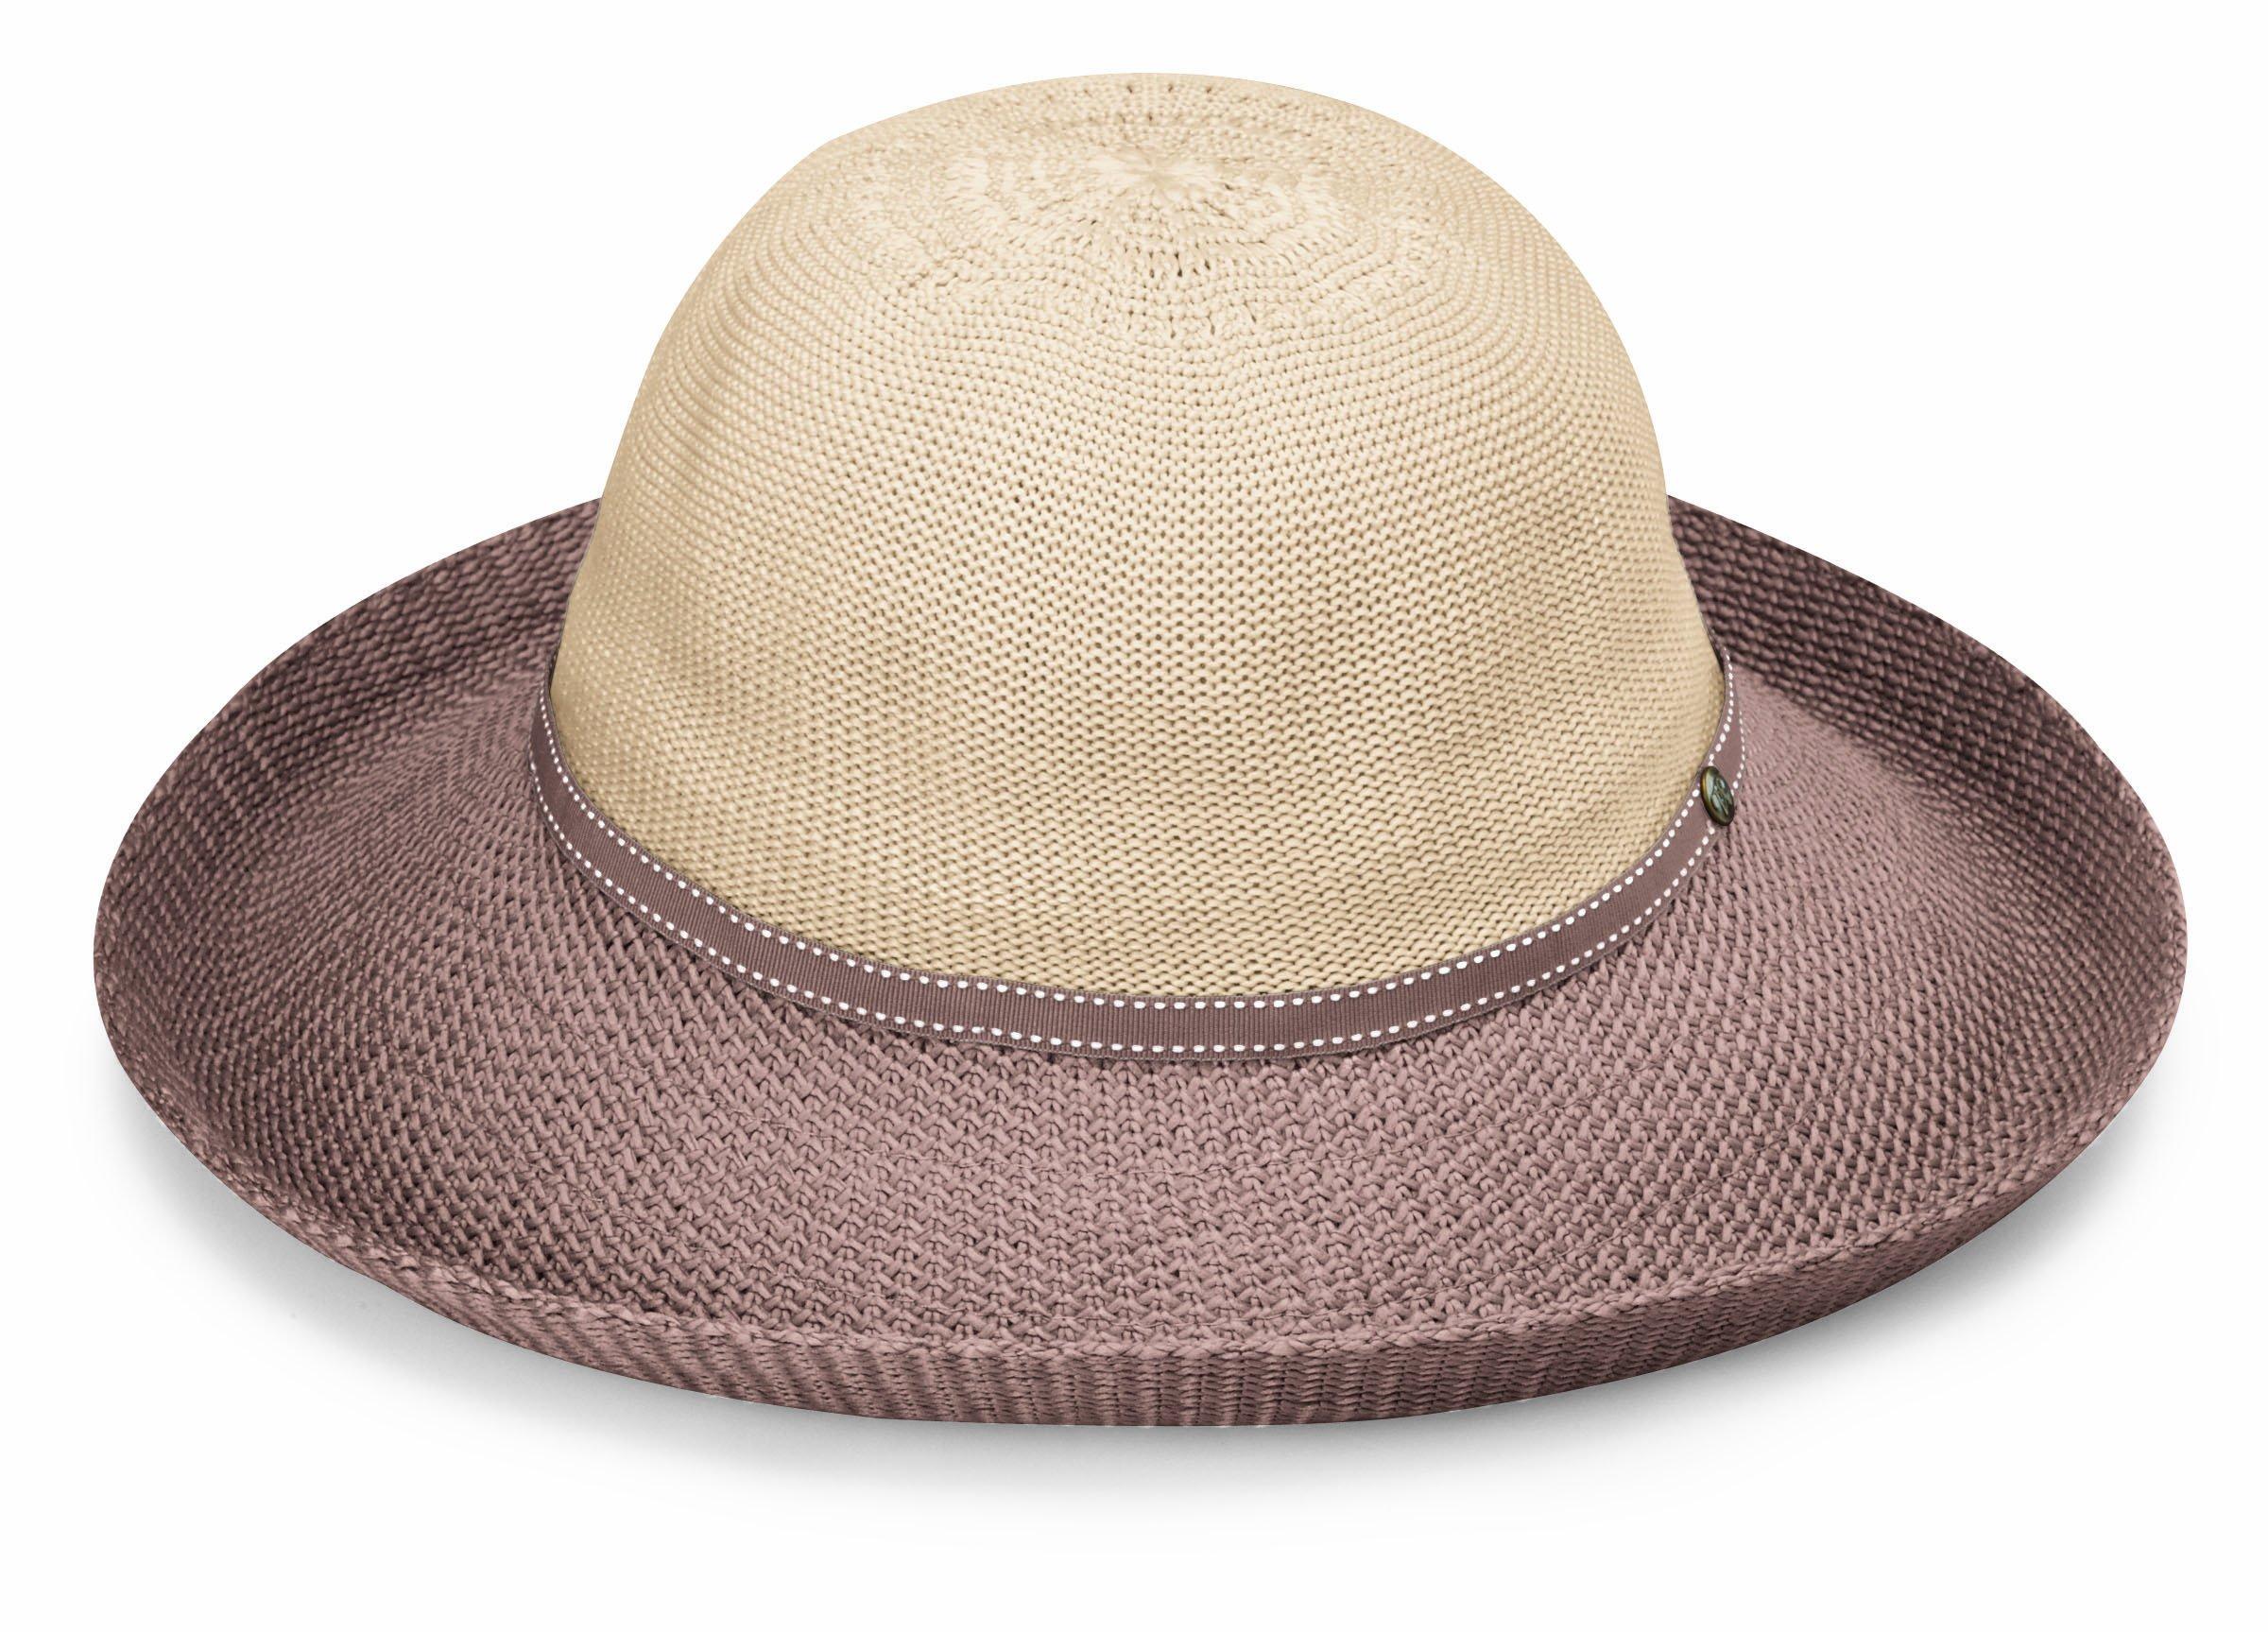 Wallaroo Hat Company Women's Victoria Two-Toned Sun Hat - Beige/Mocha - UPF 50+, Packable, Lined, Modern Style, Designed in Australia.